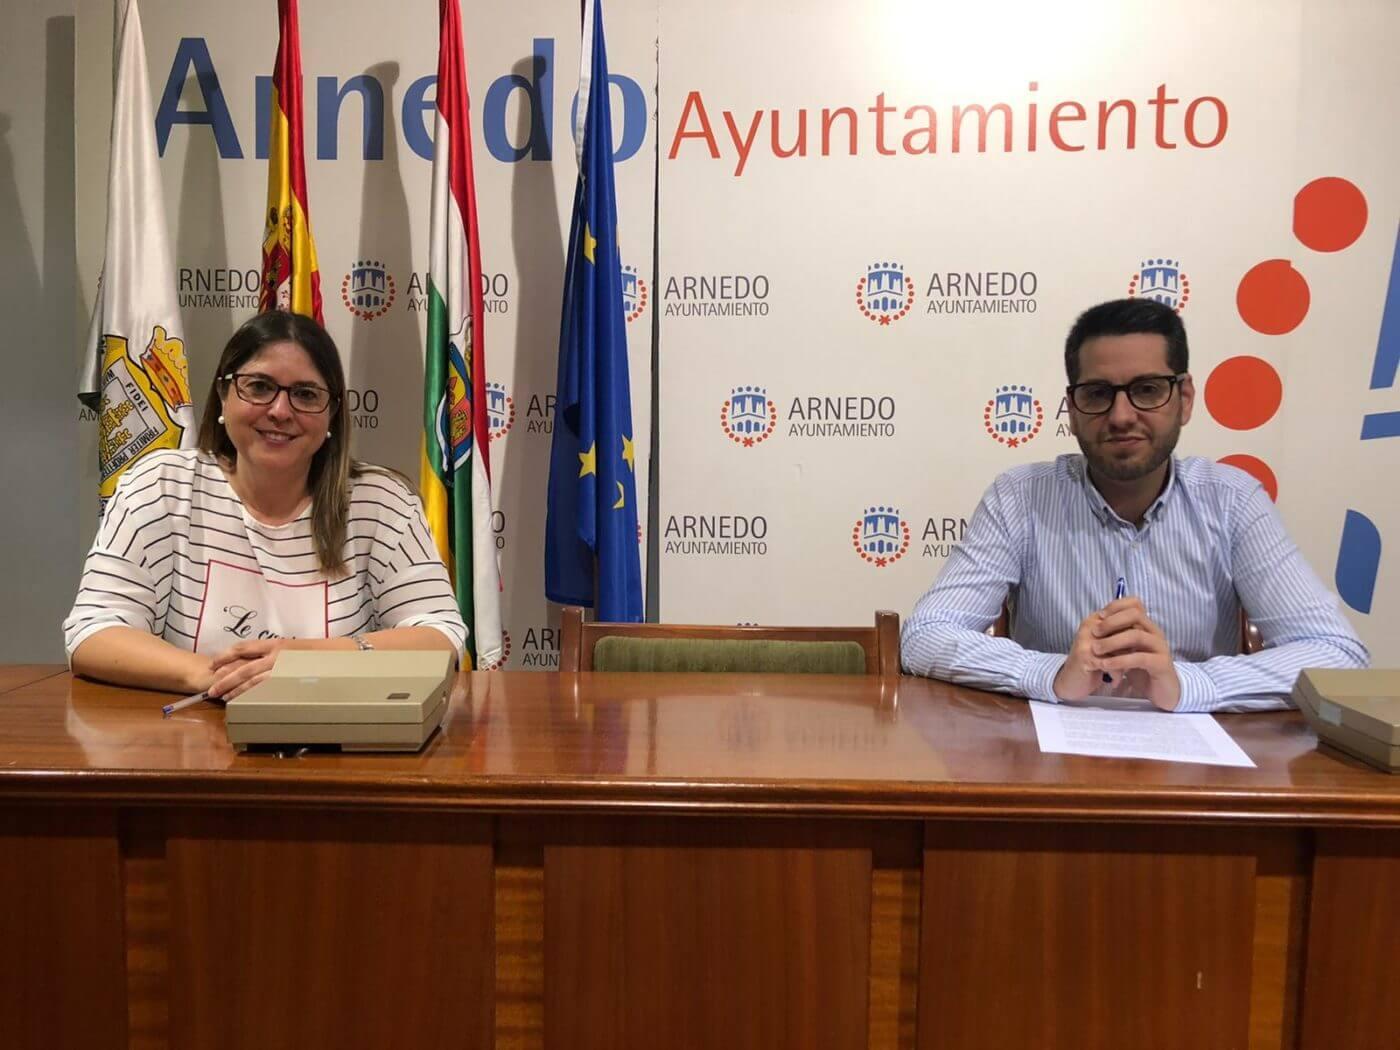 El ayuntamiento de Arnedo hace balance de los programas de Servicios Sociales desarrollados durante estos dos meses de crisis del Covid-19